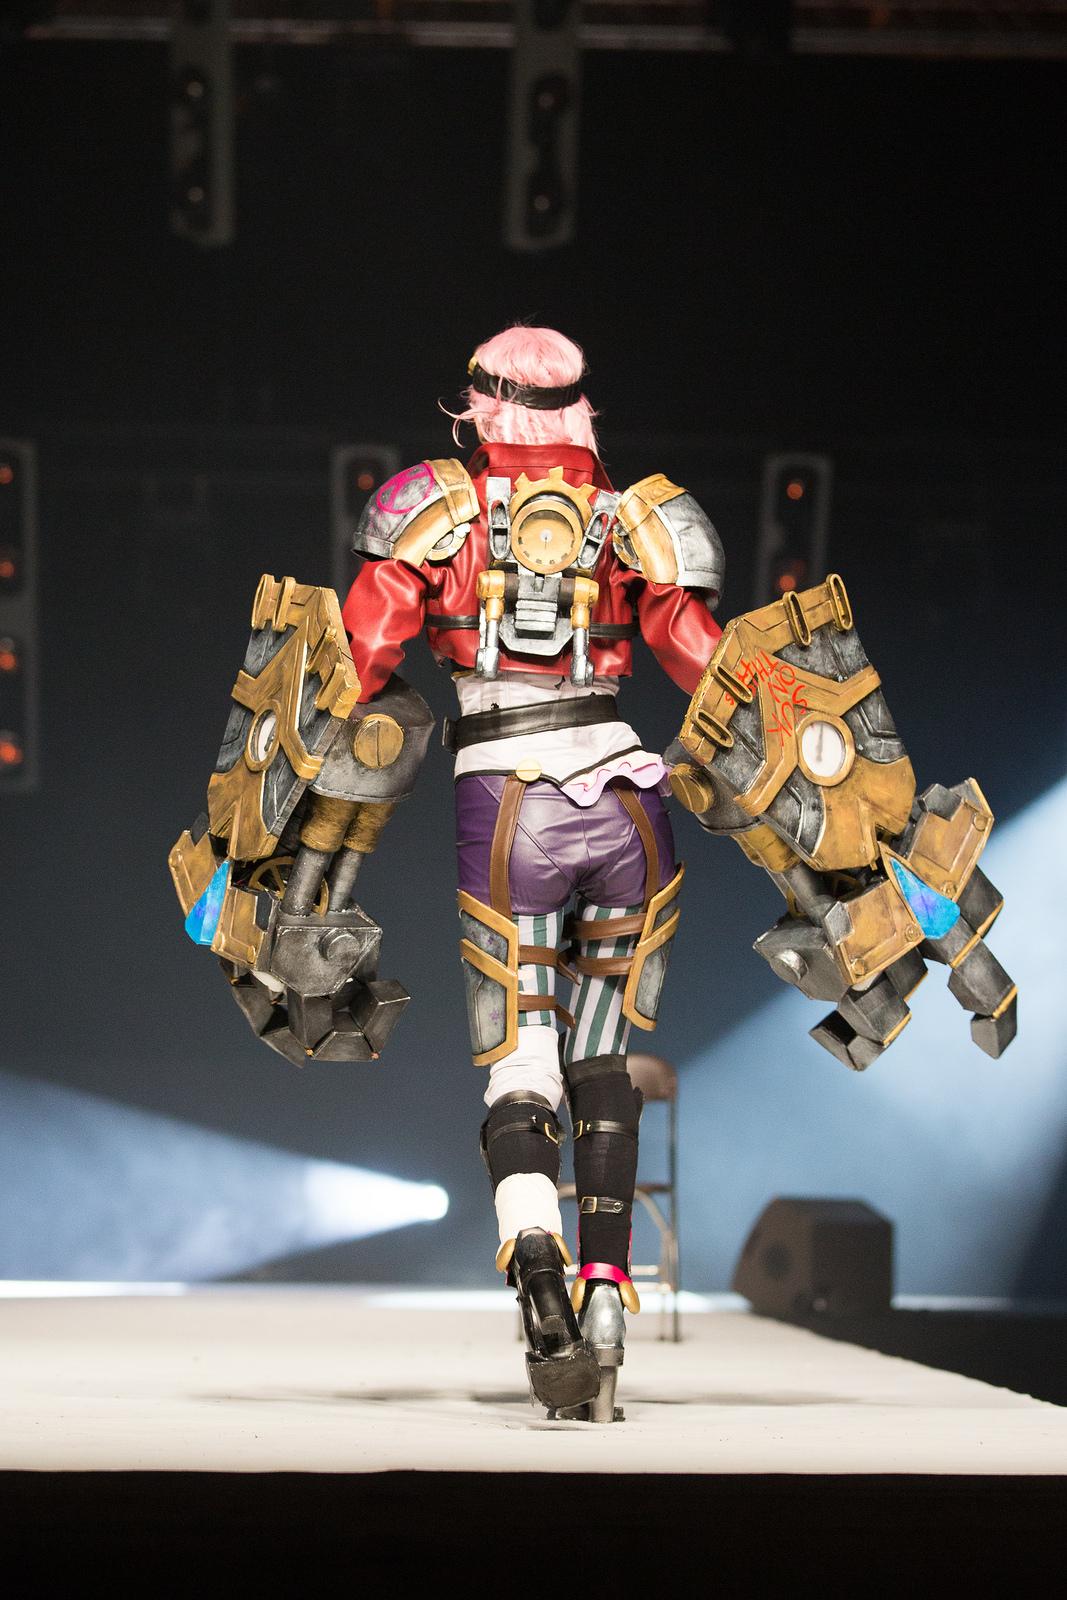 Ngắm cosplay LMHT tuyệt đẹp tại Japan Expo 2014